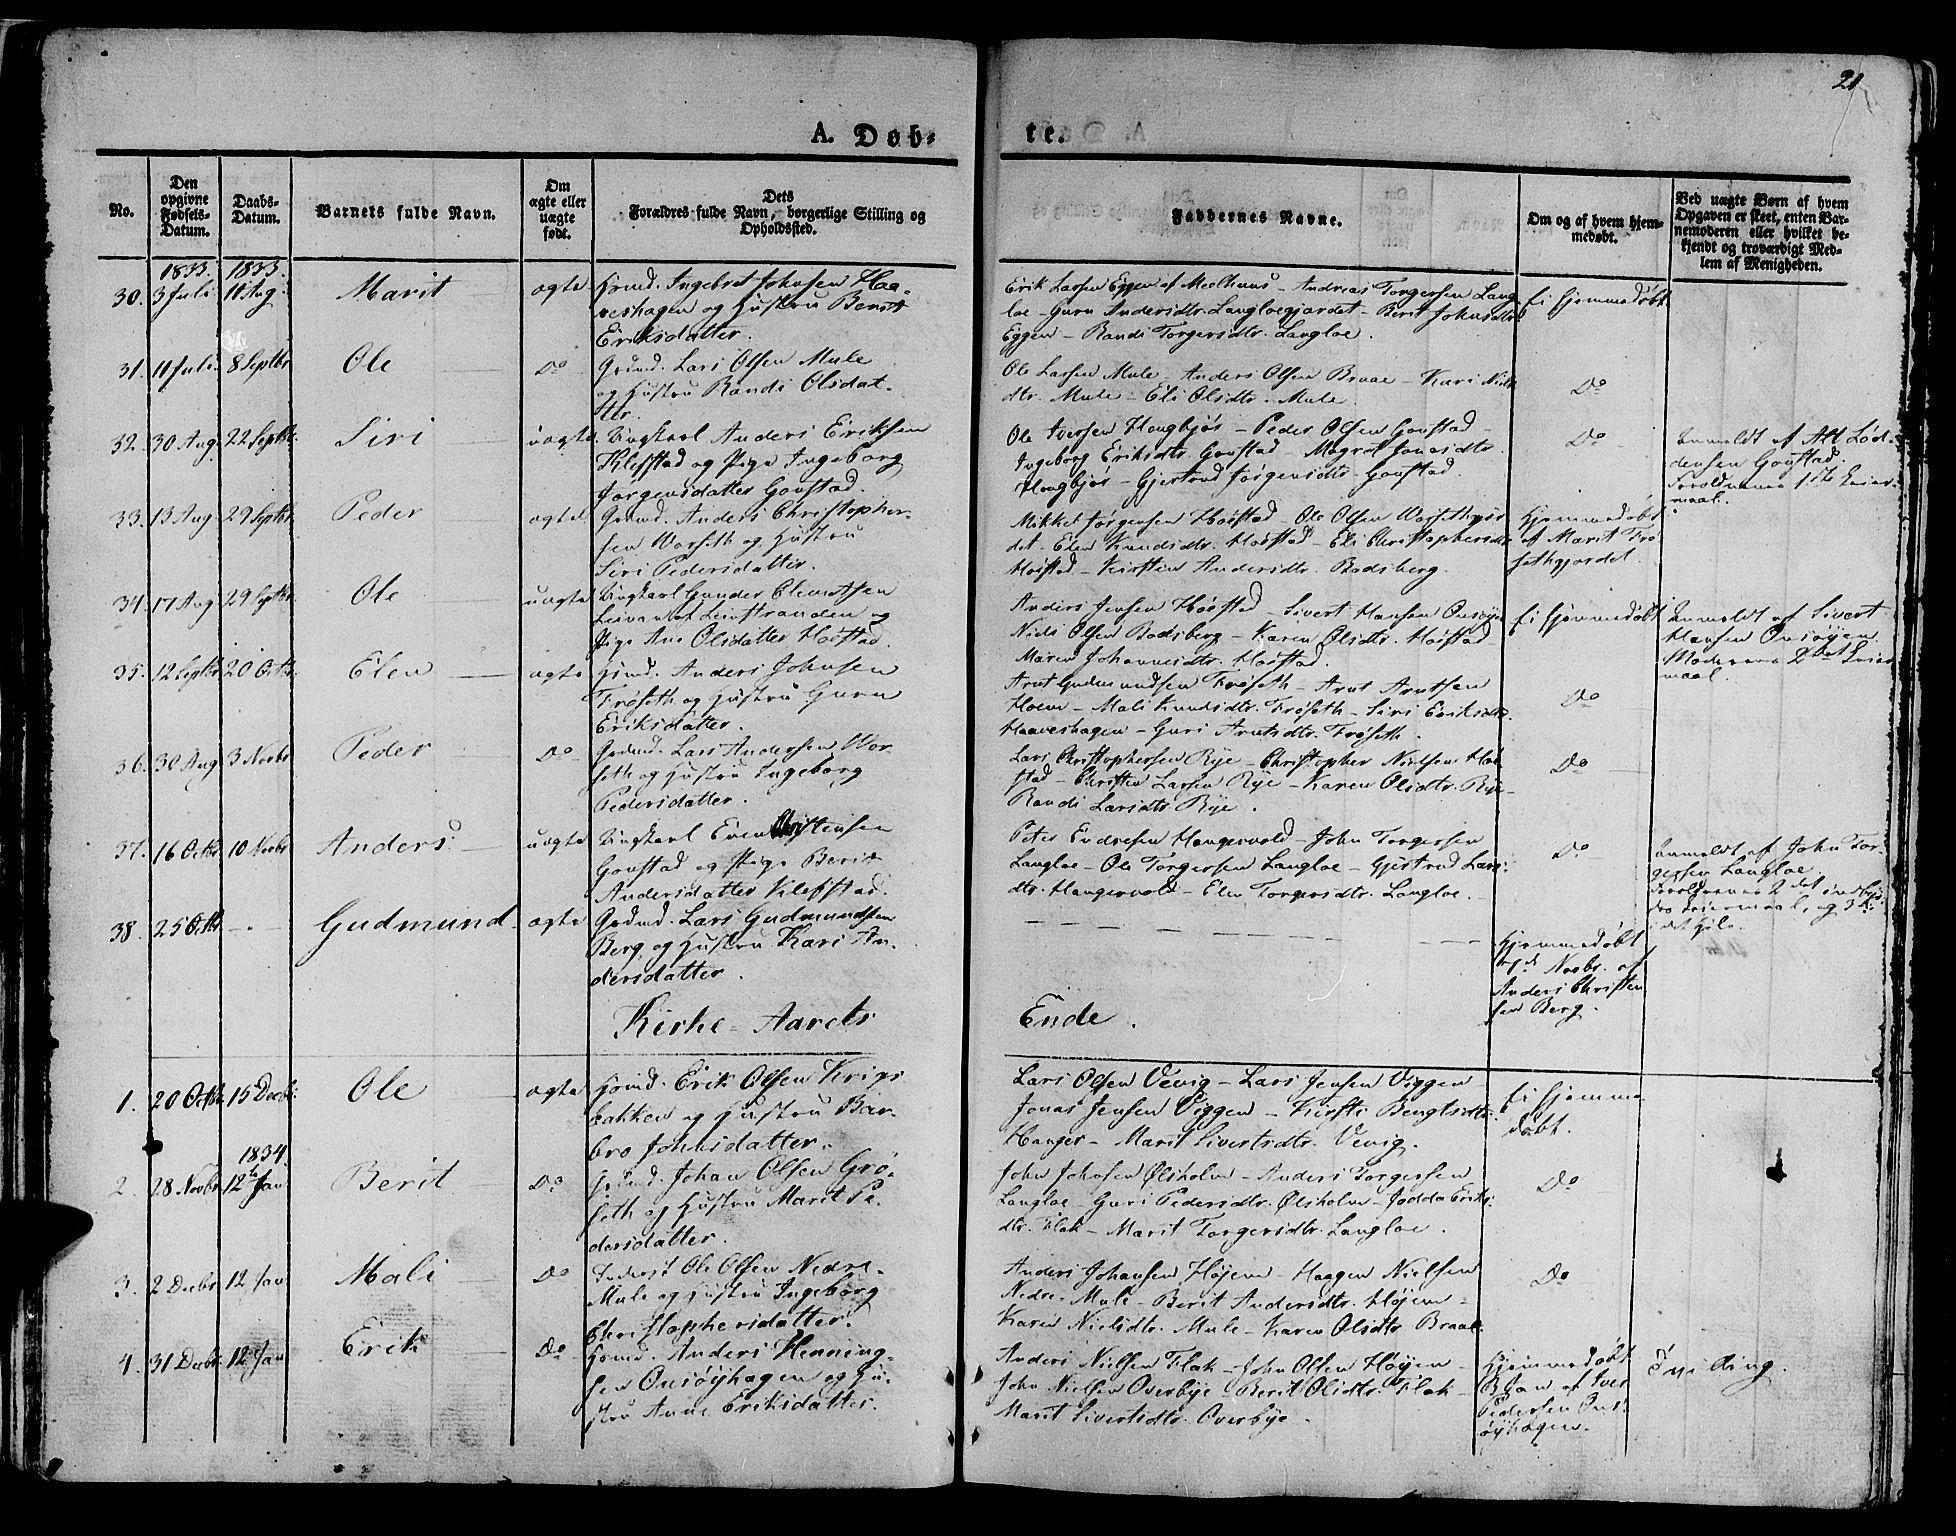 SAT, Ministerialprotokoller, klokkerbøker og fødselsregistre - Sør-Trøndelag, 612/L0374: Ministerialbok nr. 612A07 /1, 1829-1845, s. 21